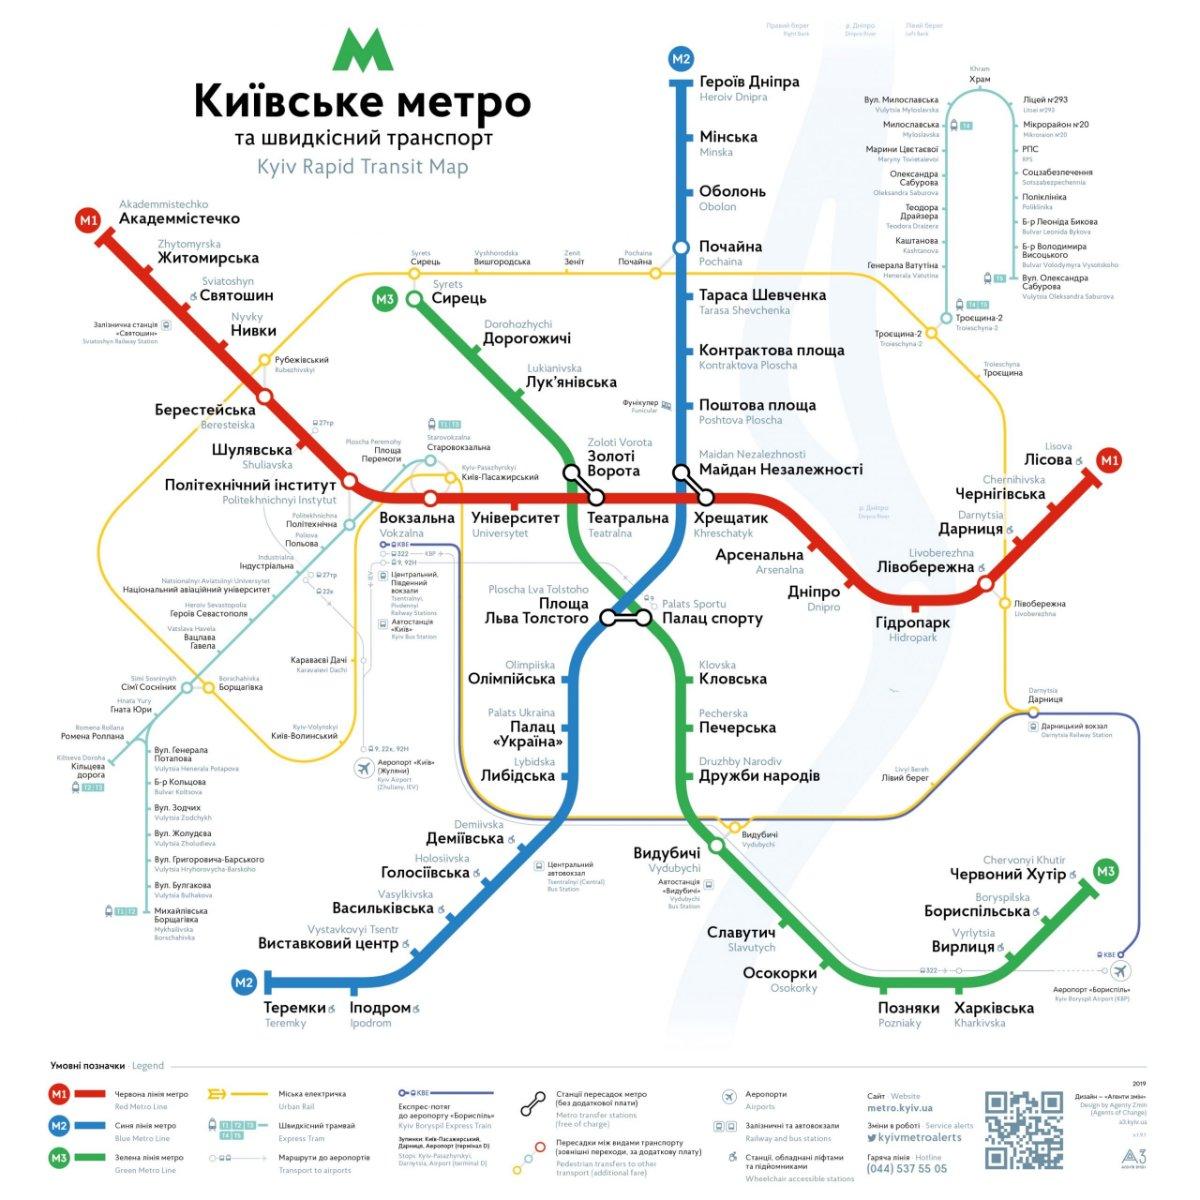 IDMedia Наружная реклама в городе Киев (Киевская область), Метро Digital в городе Киев №238977 схема